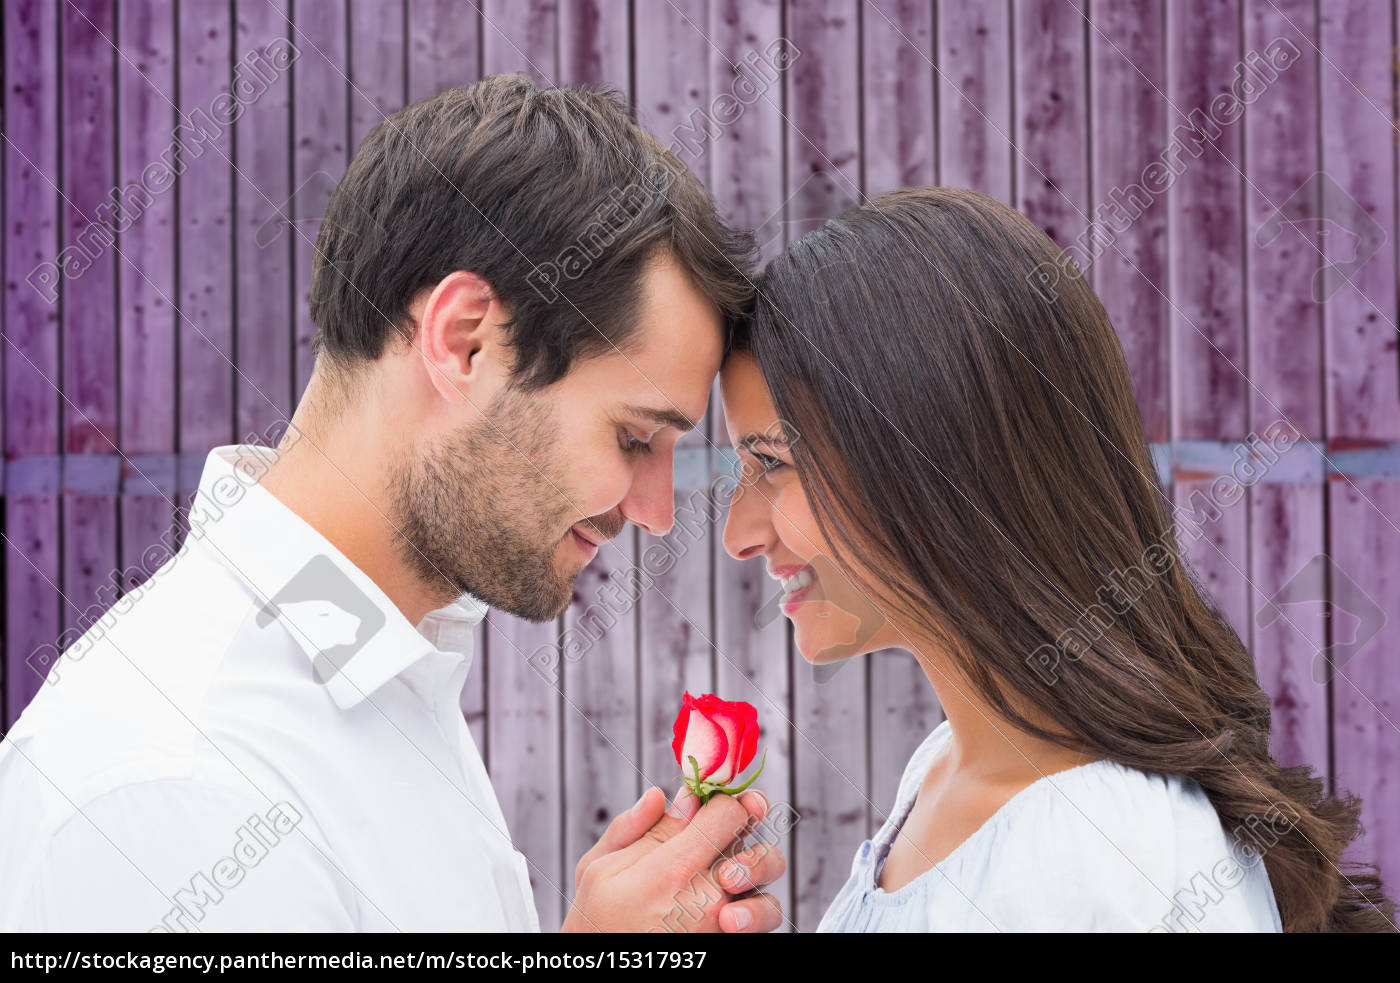 sammensat, billede, af, smuk, mand, tilbyder - 15317937